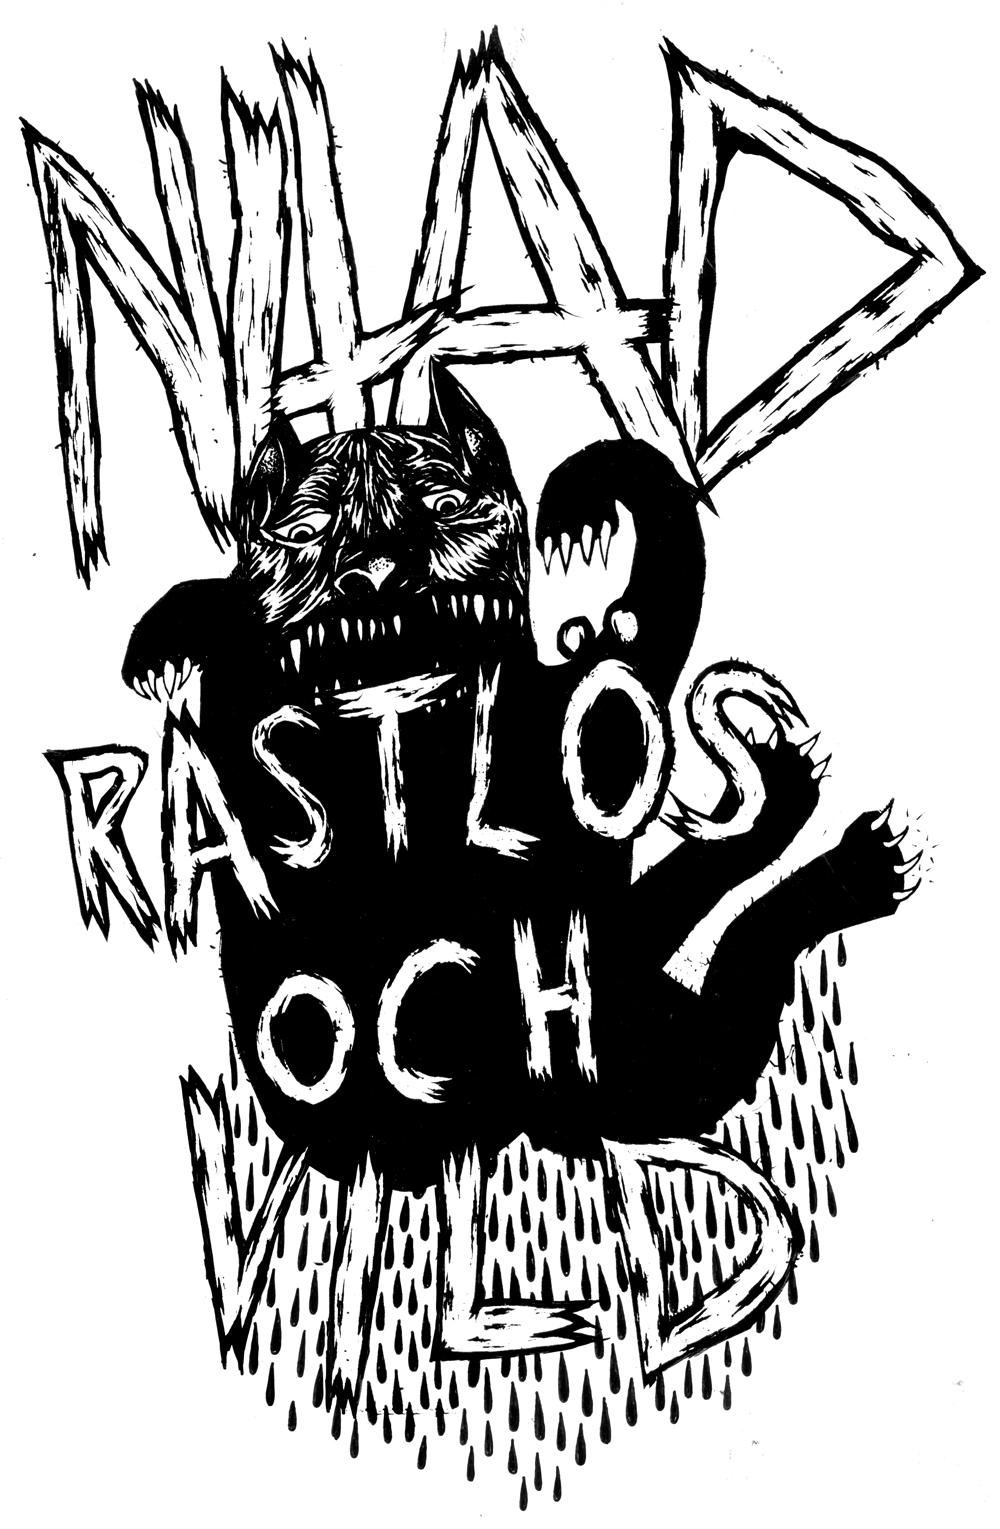 T-shirt_Nitad_Rastlös_och_Vild_kattera_klar